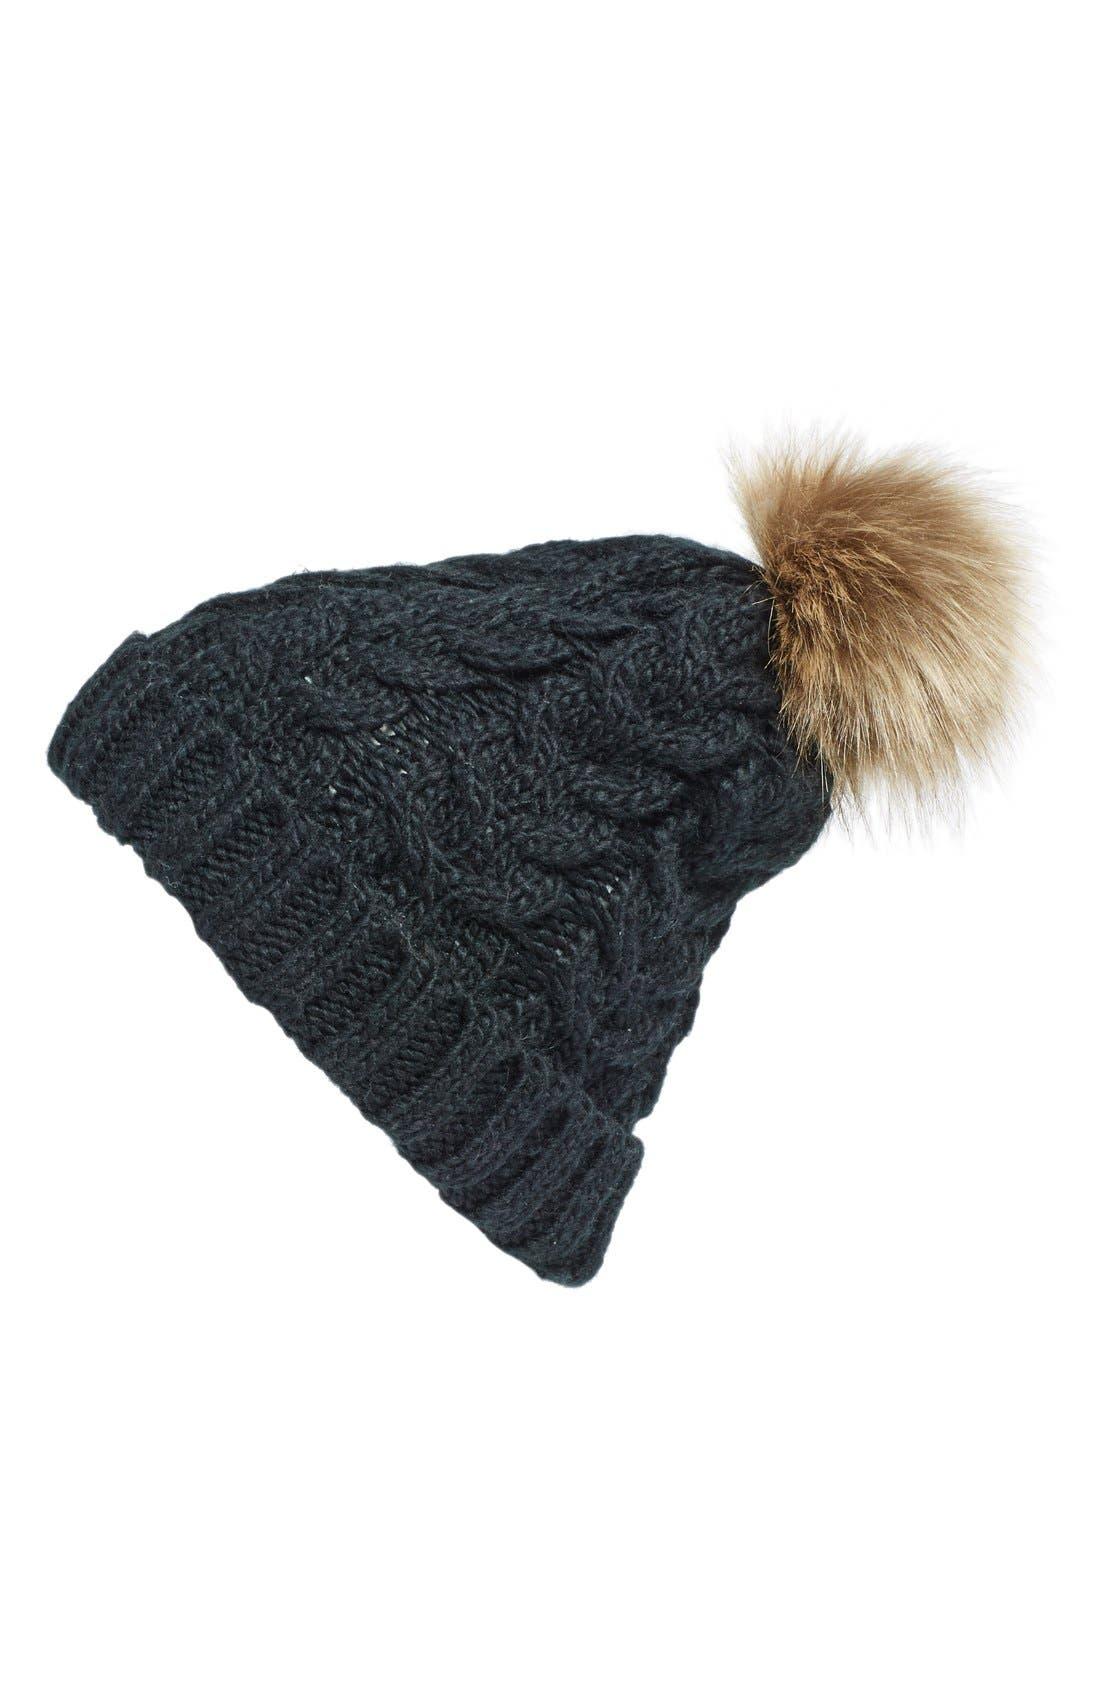 BP. Knit Beanie with Faux Fur Pompom